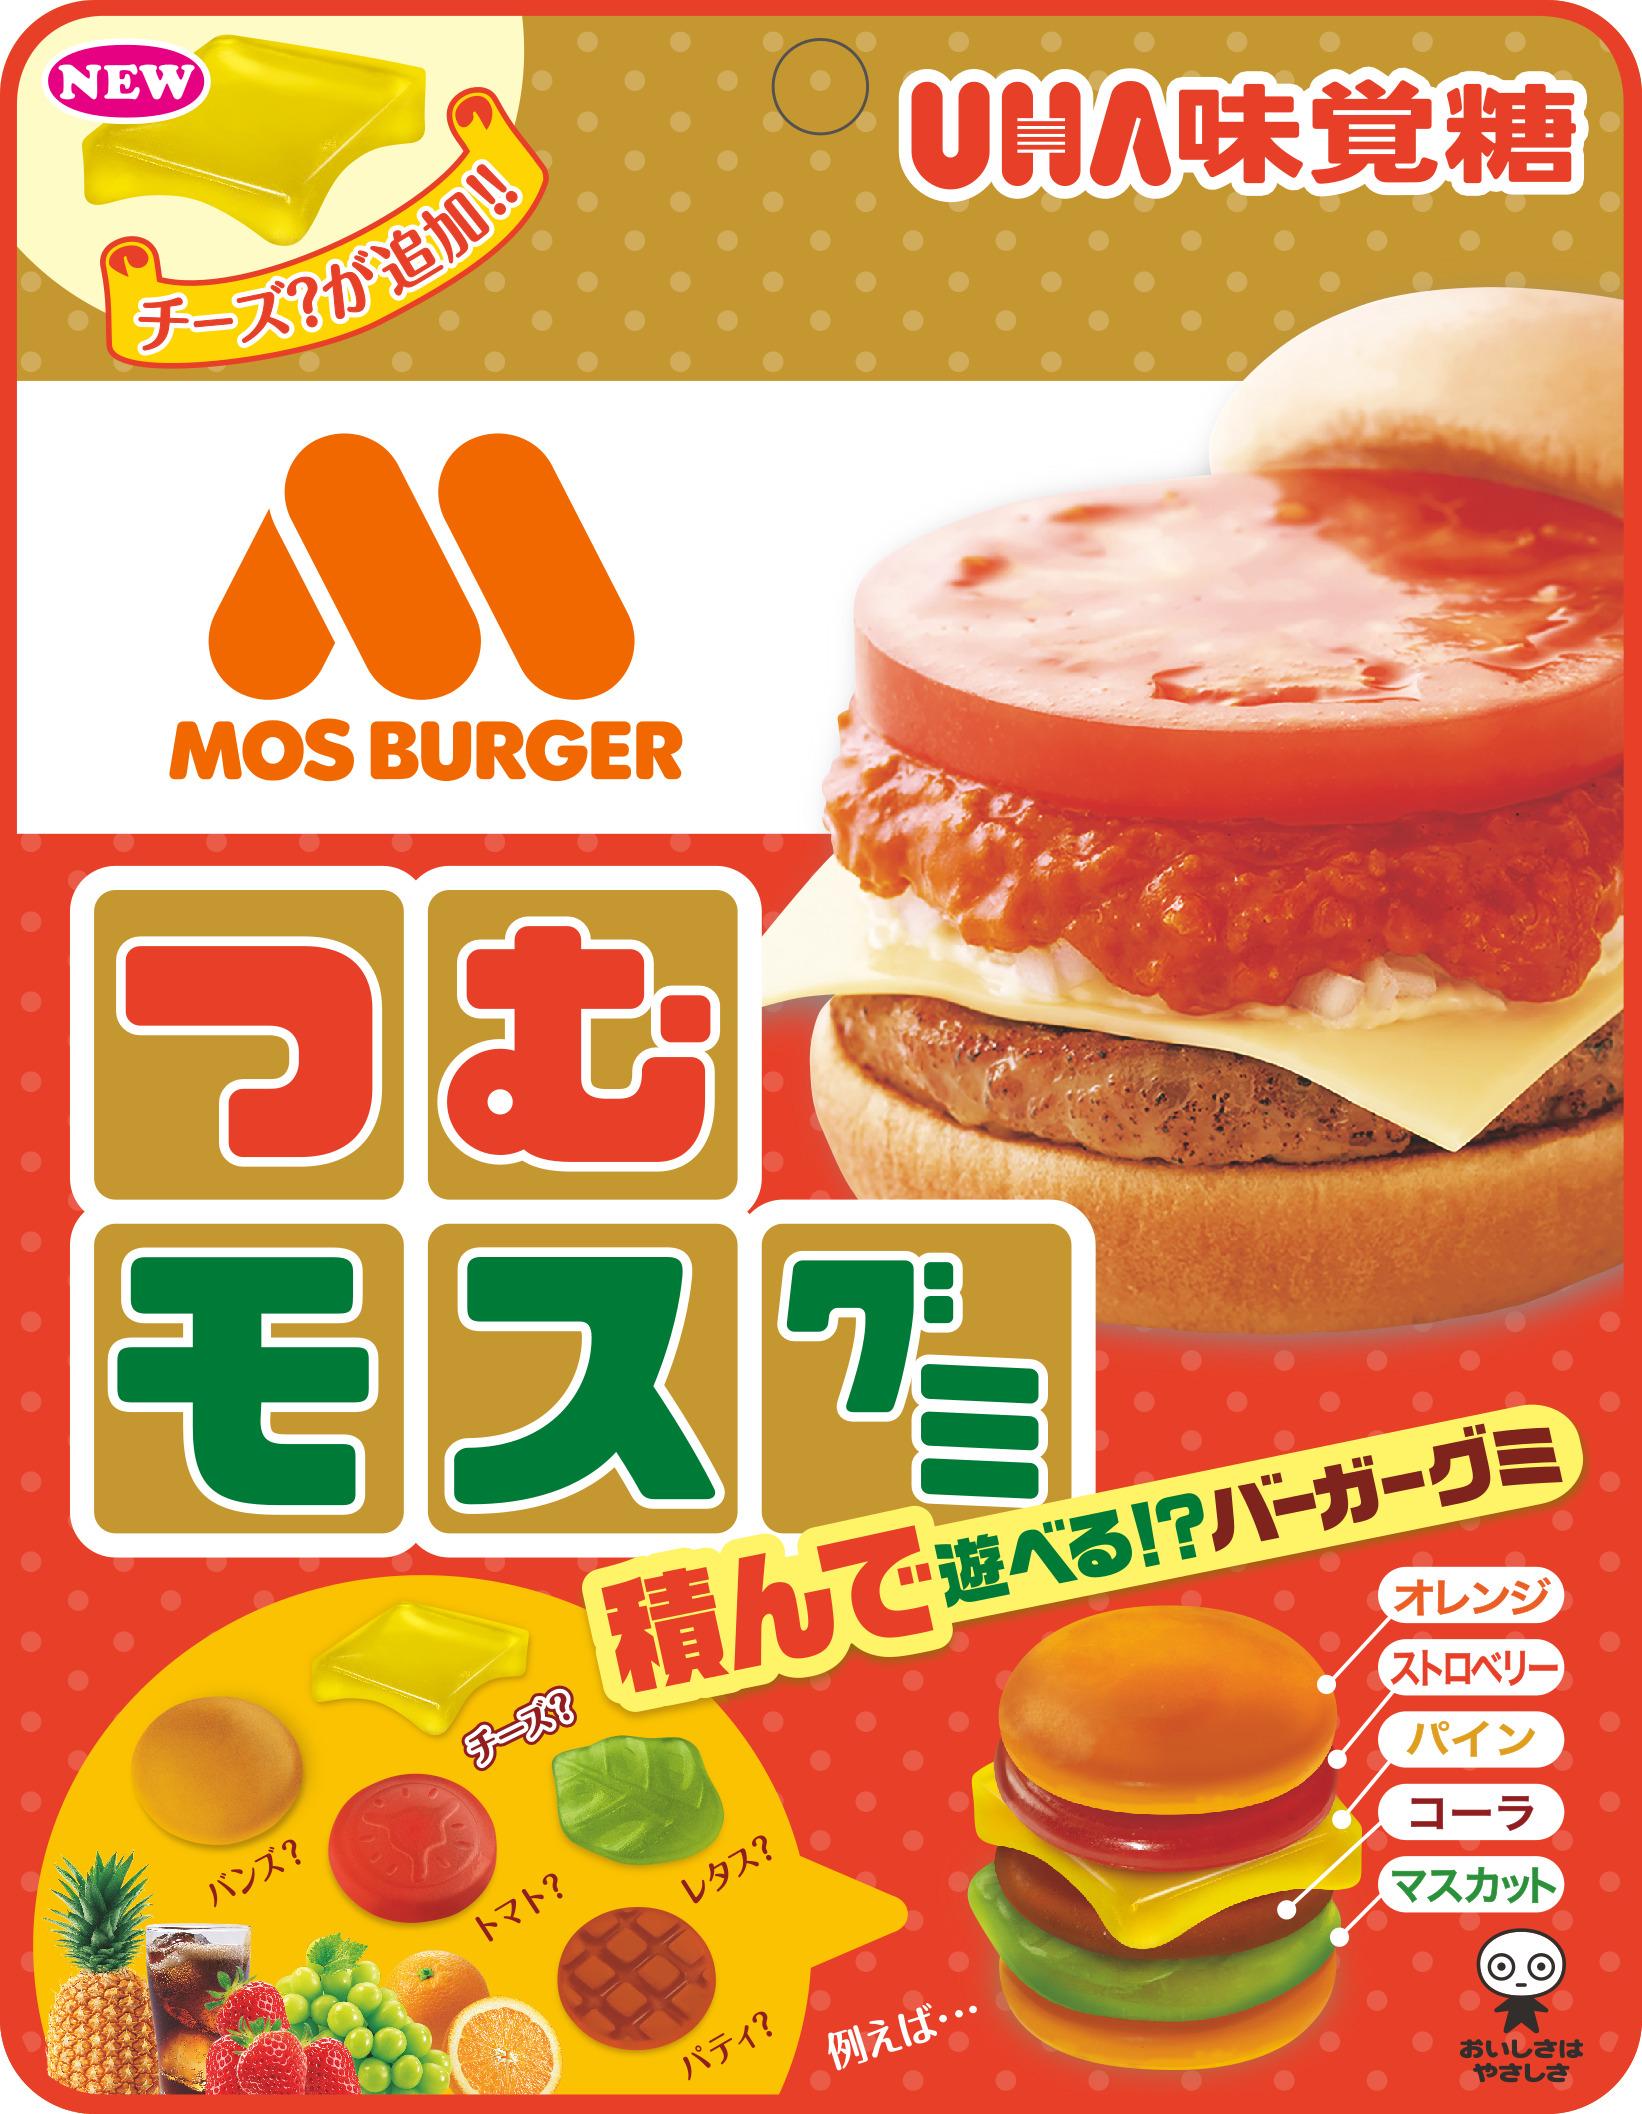 「つむモスグミ」でチーズバーガーが作れるように!モスxUHA 味覚糖コラボの第二弾が登場